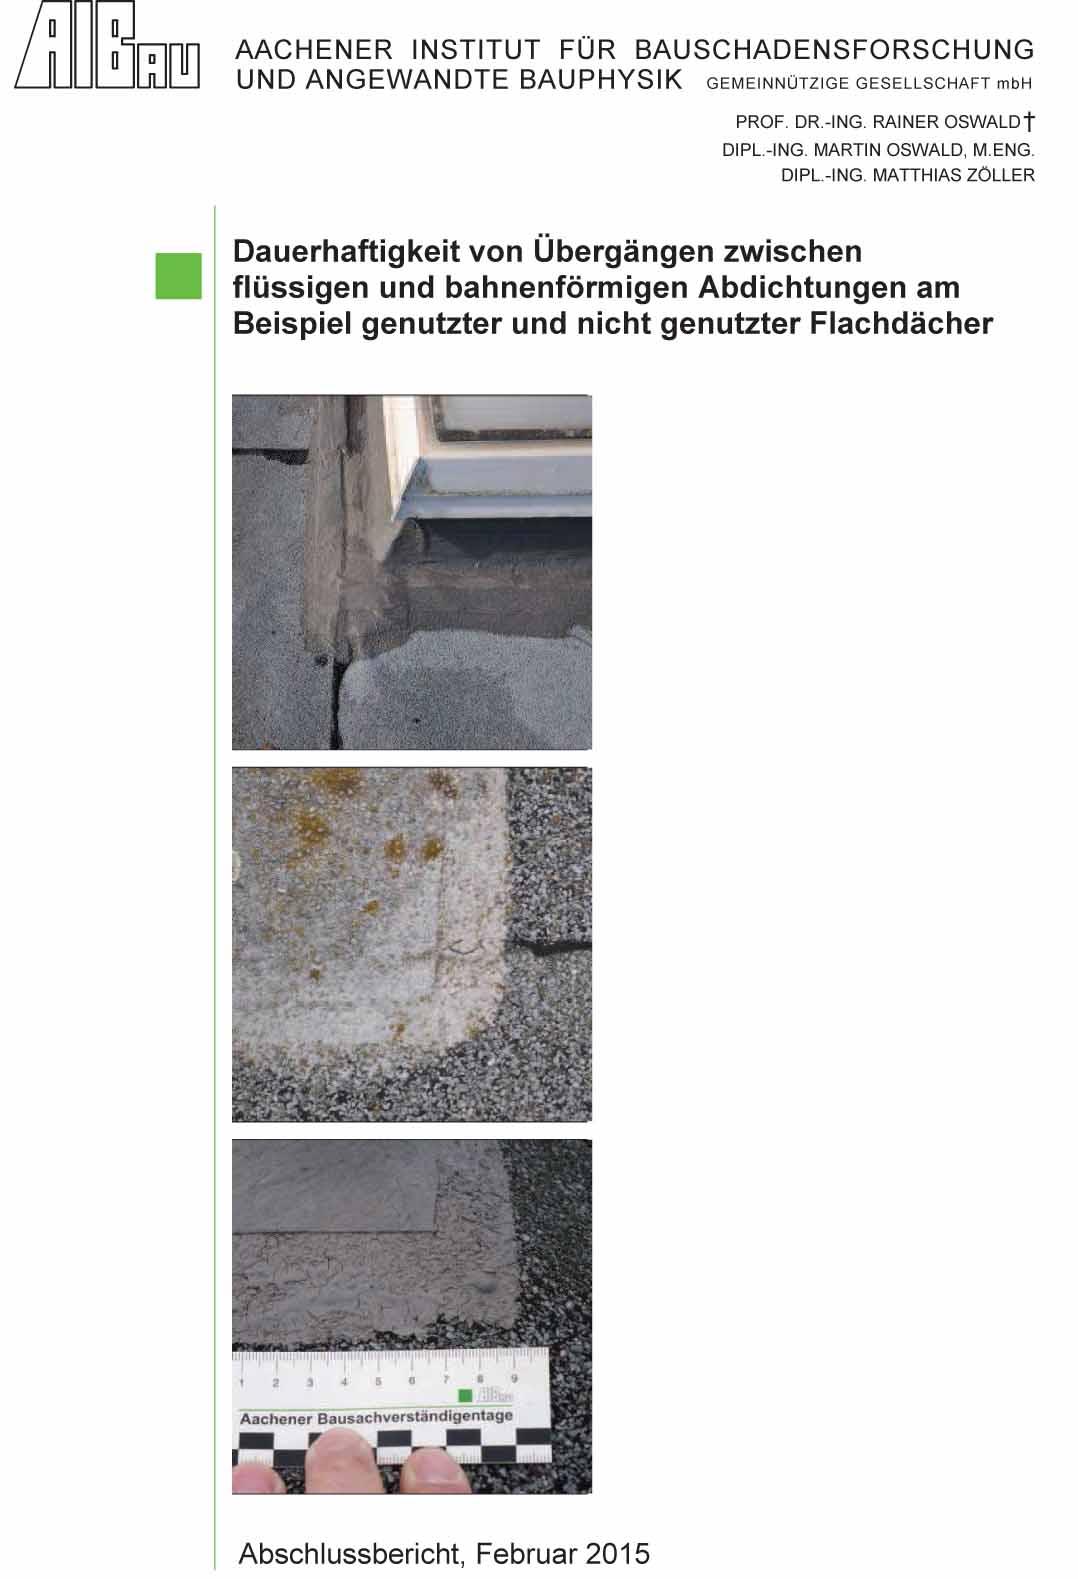 Veröffentlichung: Dauerhaftigkeit von Übergängen zwischen flüssigen und bahnenförmigen Abdichtungen - Coverbild